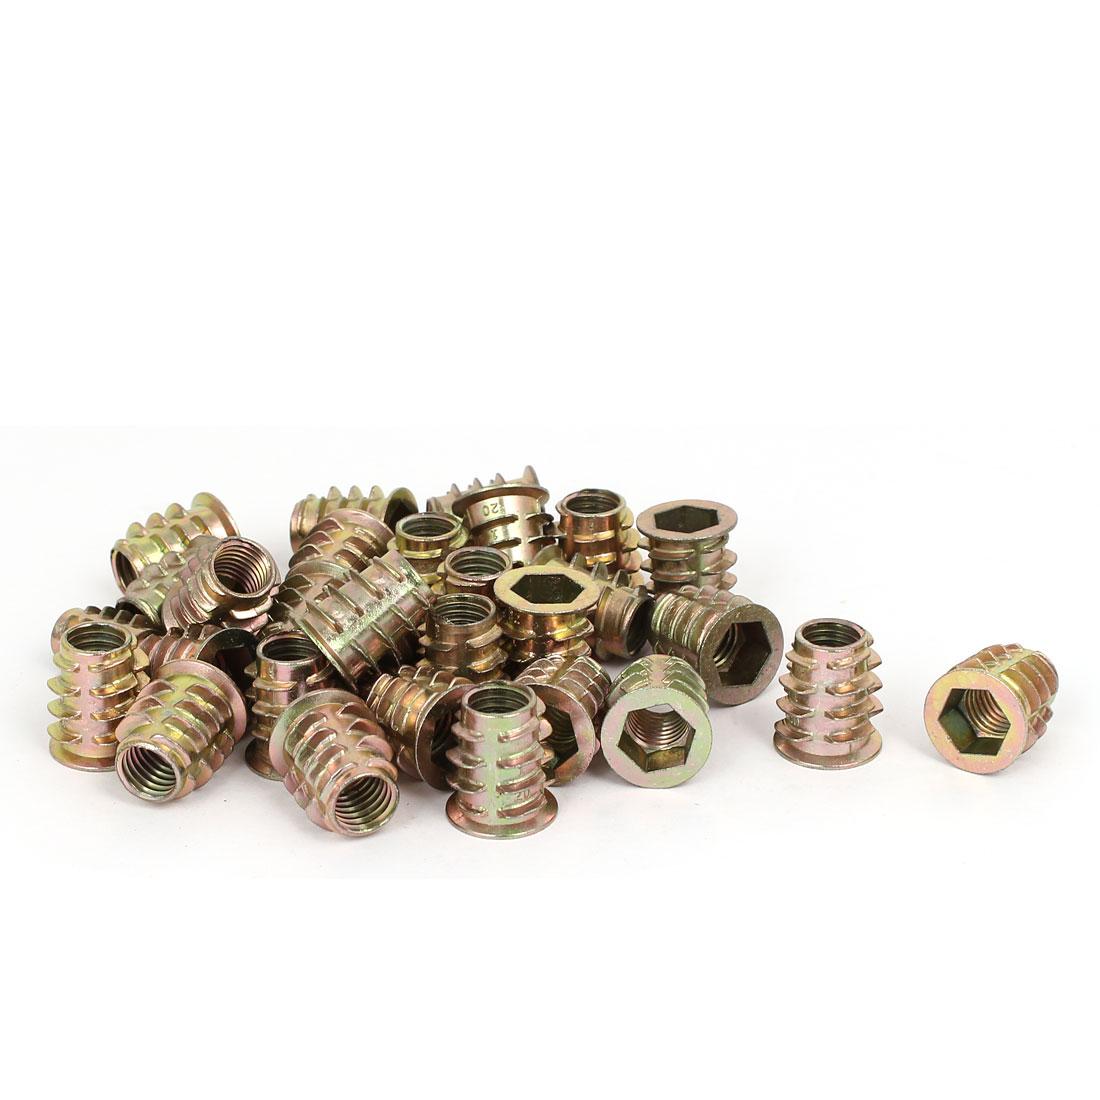 M10 x 20mm Hex Socket Head Insert Screws E-Nuts Furniture Fittings 30pcs